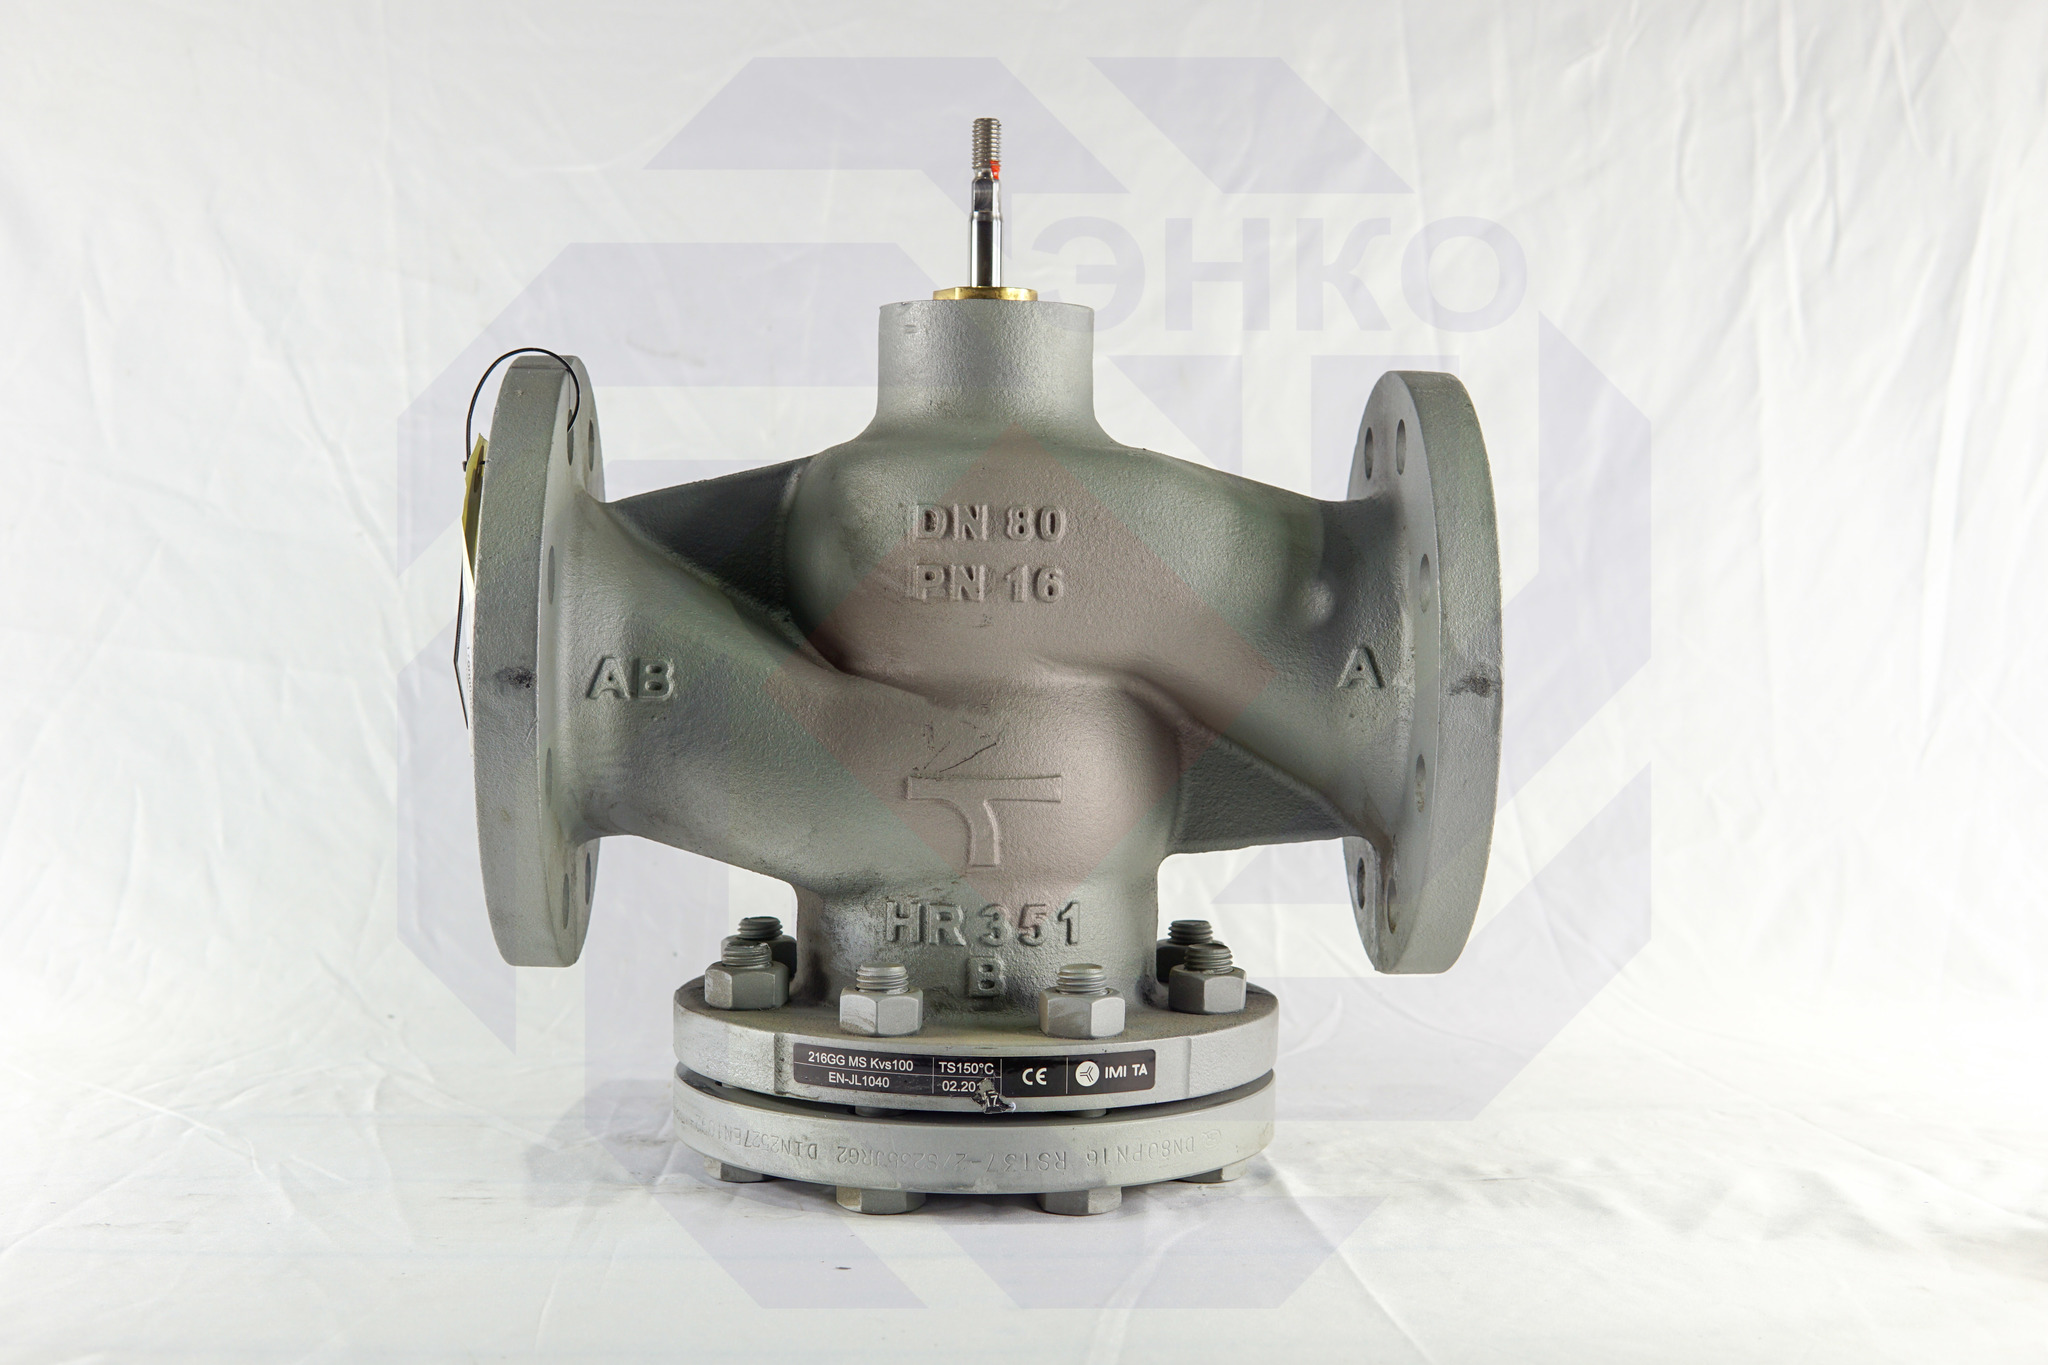 Клапан регулирующий двухходовой IMI CV216 GG DN 80